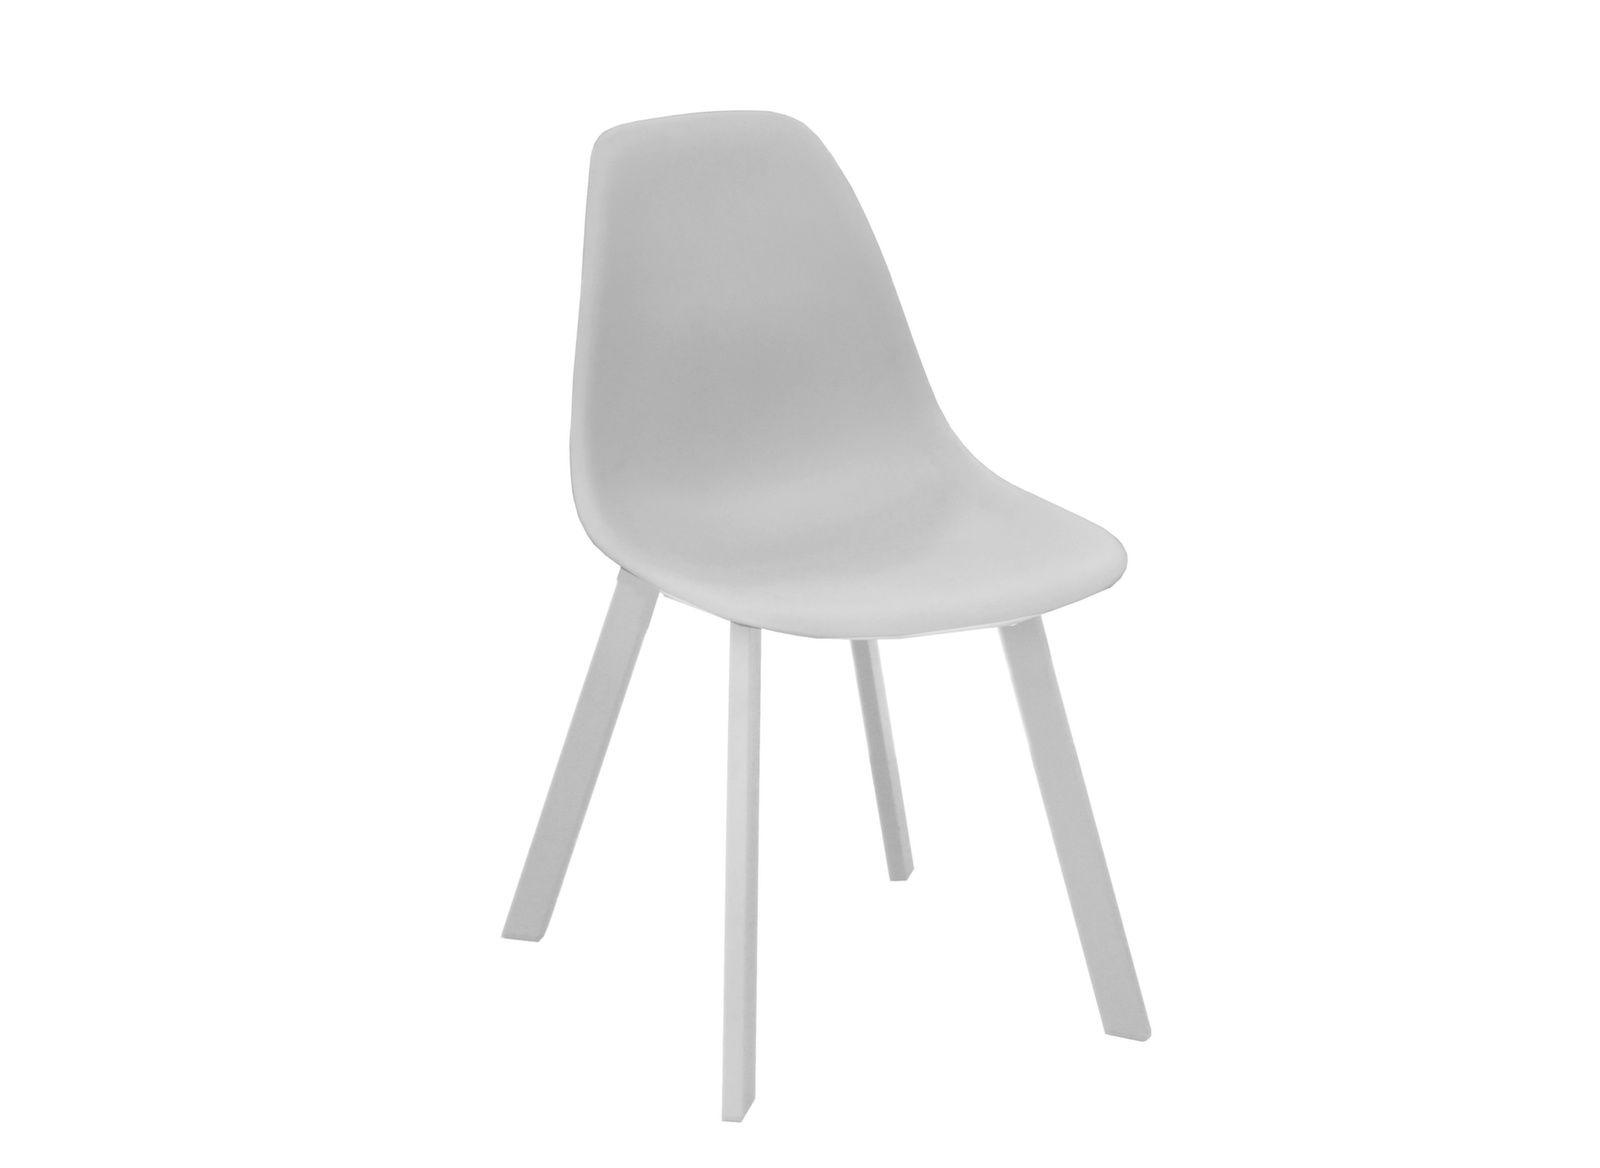 Chaise Coque Jato